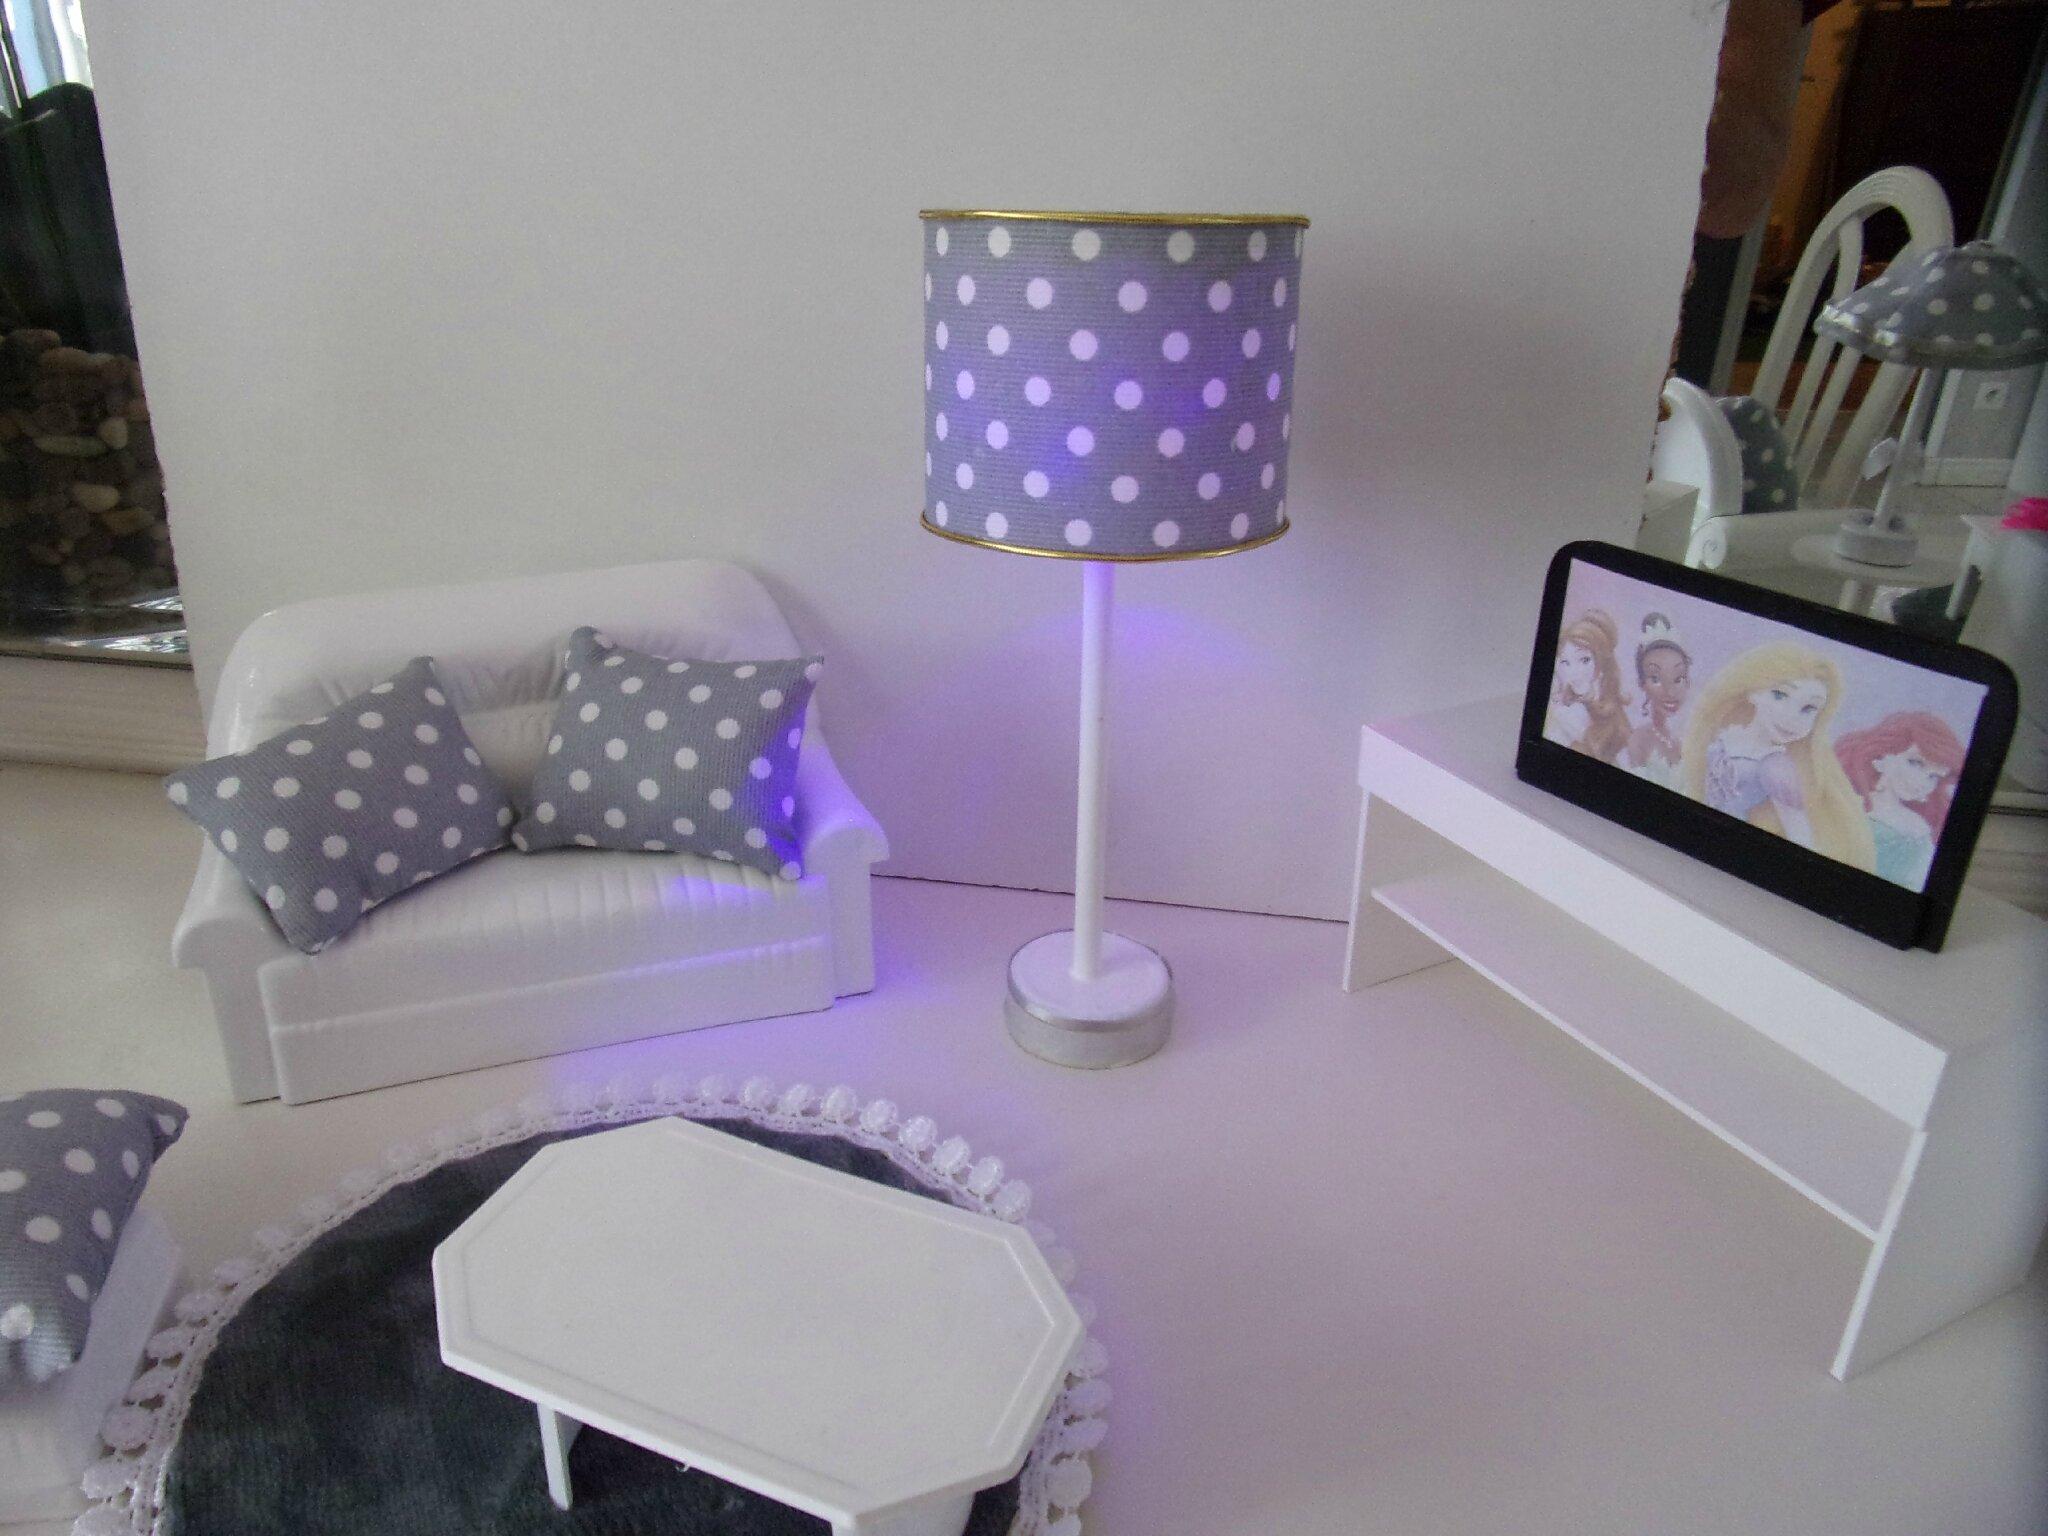 cherche meuble de salle de bain galerie d 39 inspiration pour la meilleure salle de bains design. Black Bedroom Furniture Sets. Home Design Ideas